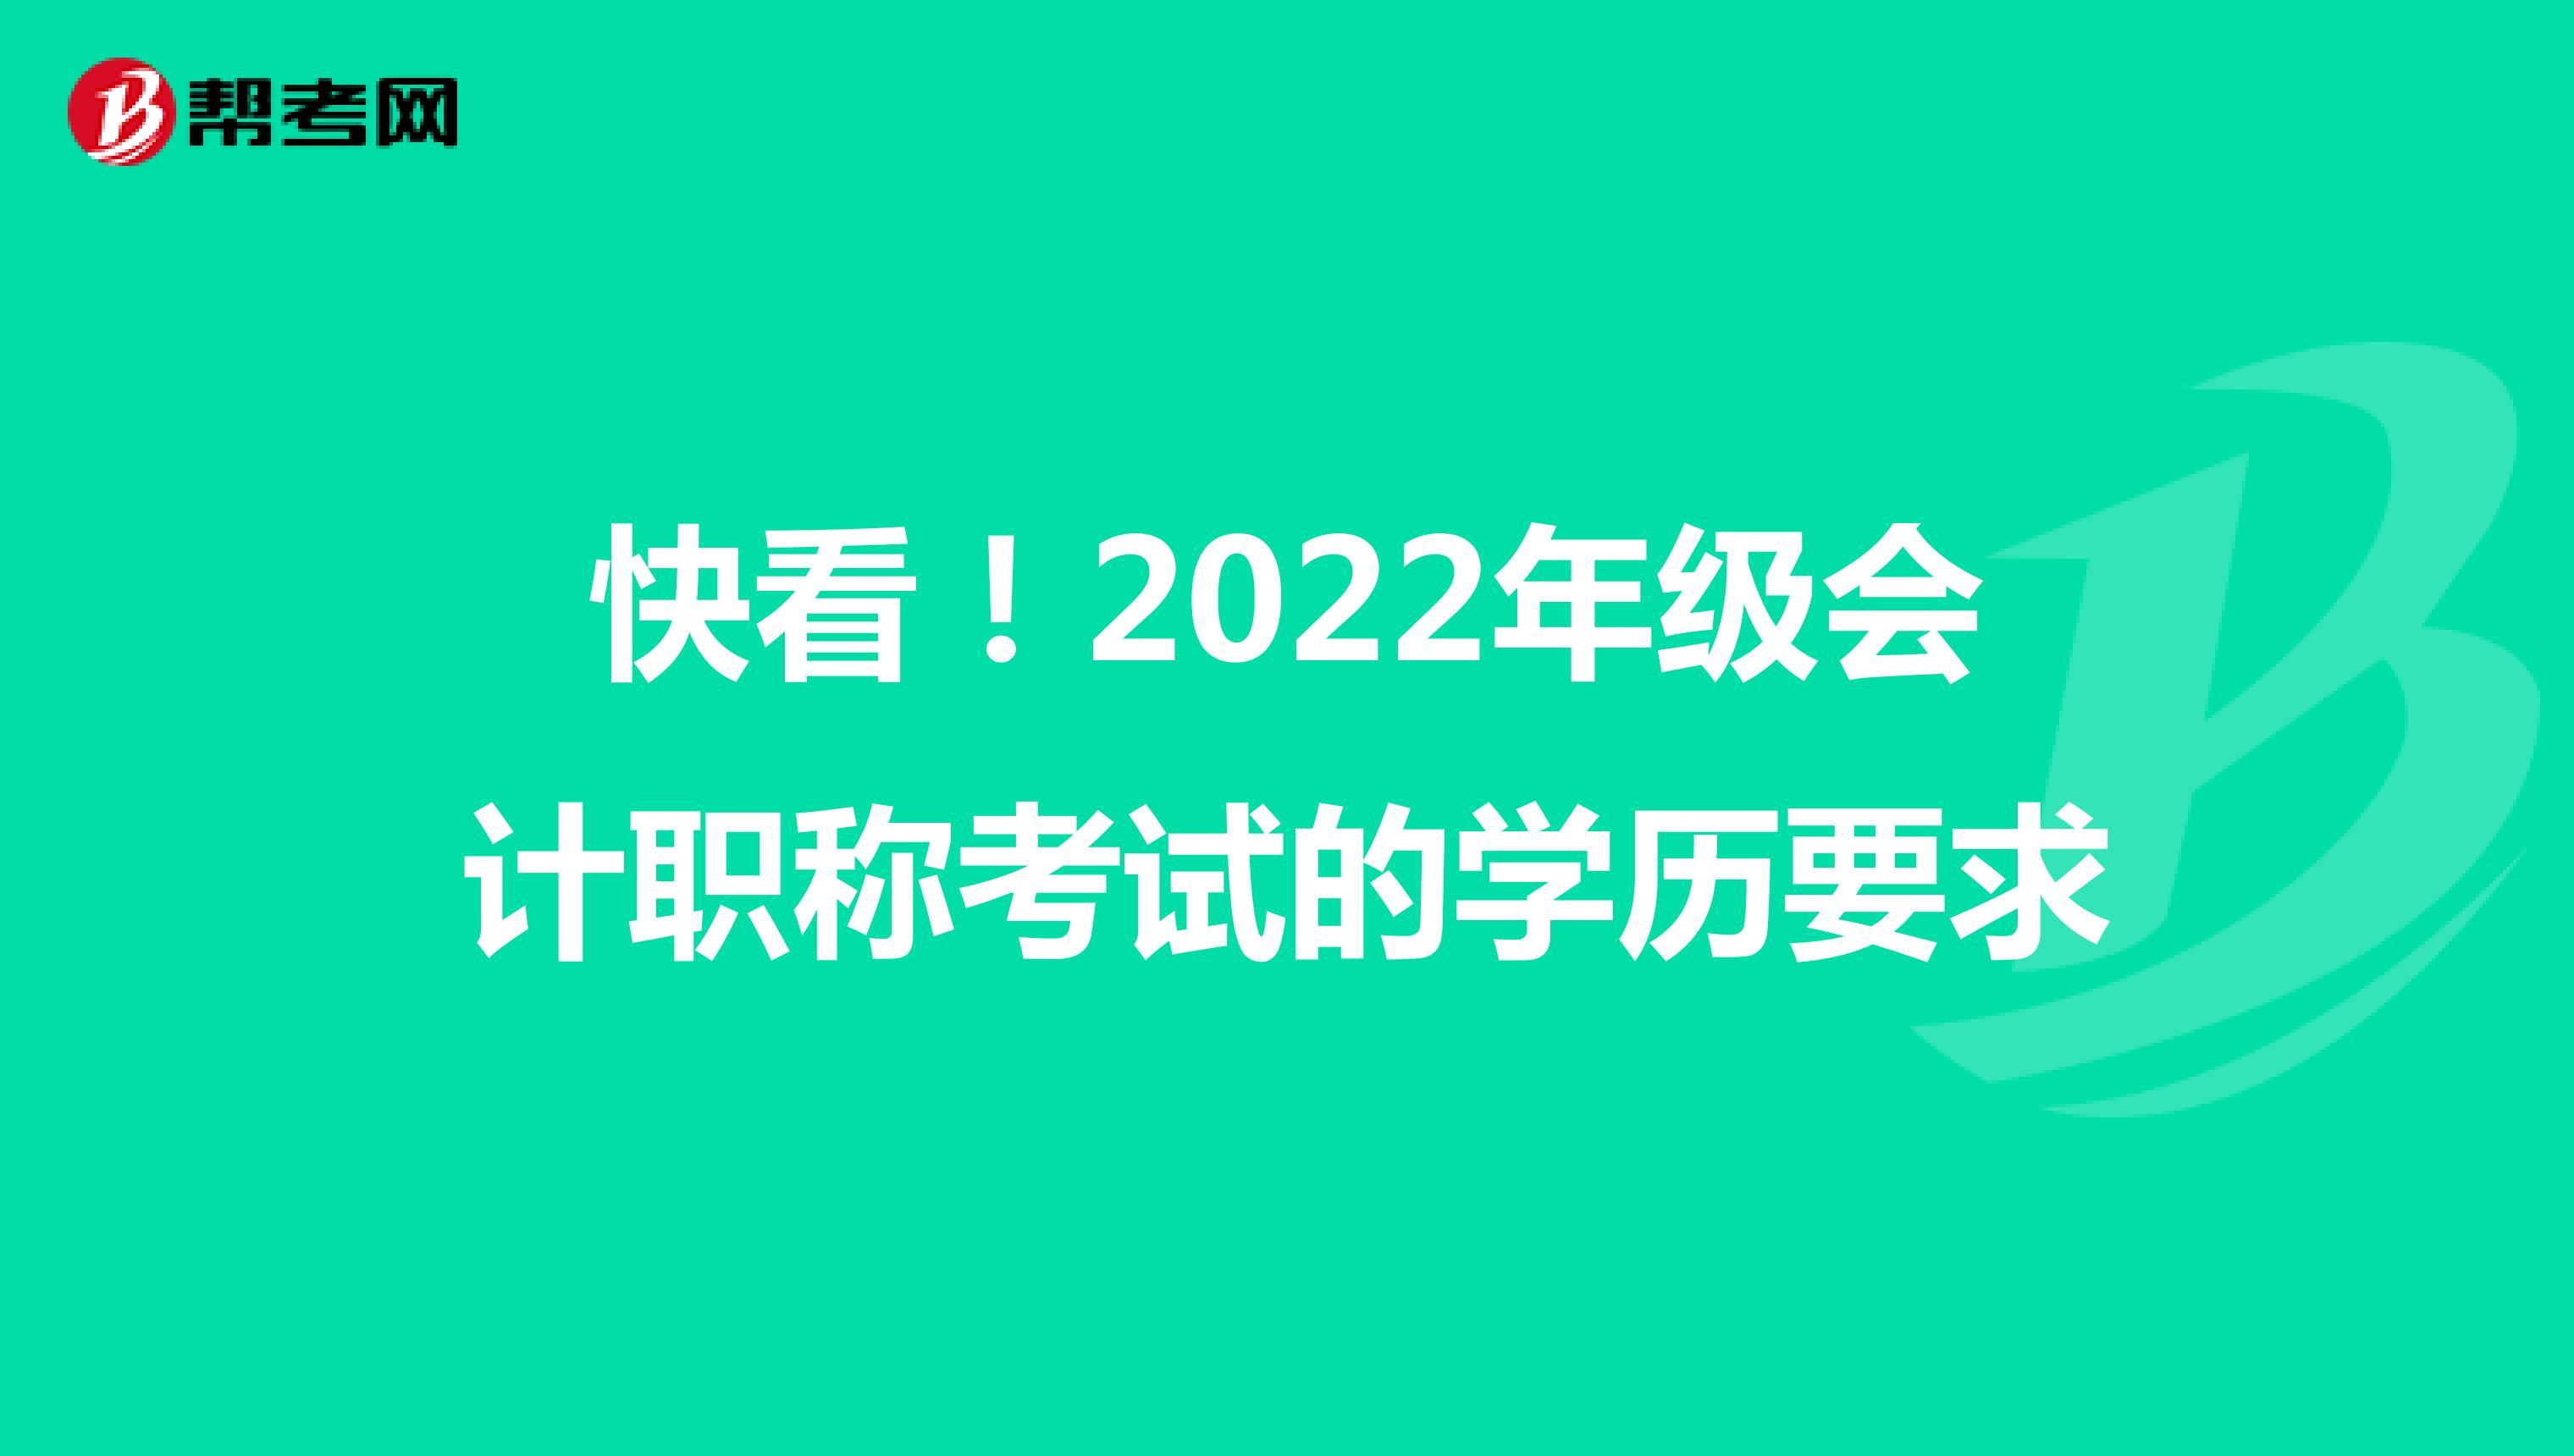 快看!2022年级会计职称考试的学历要求